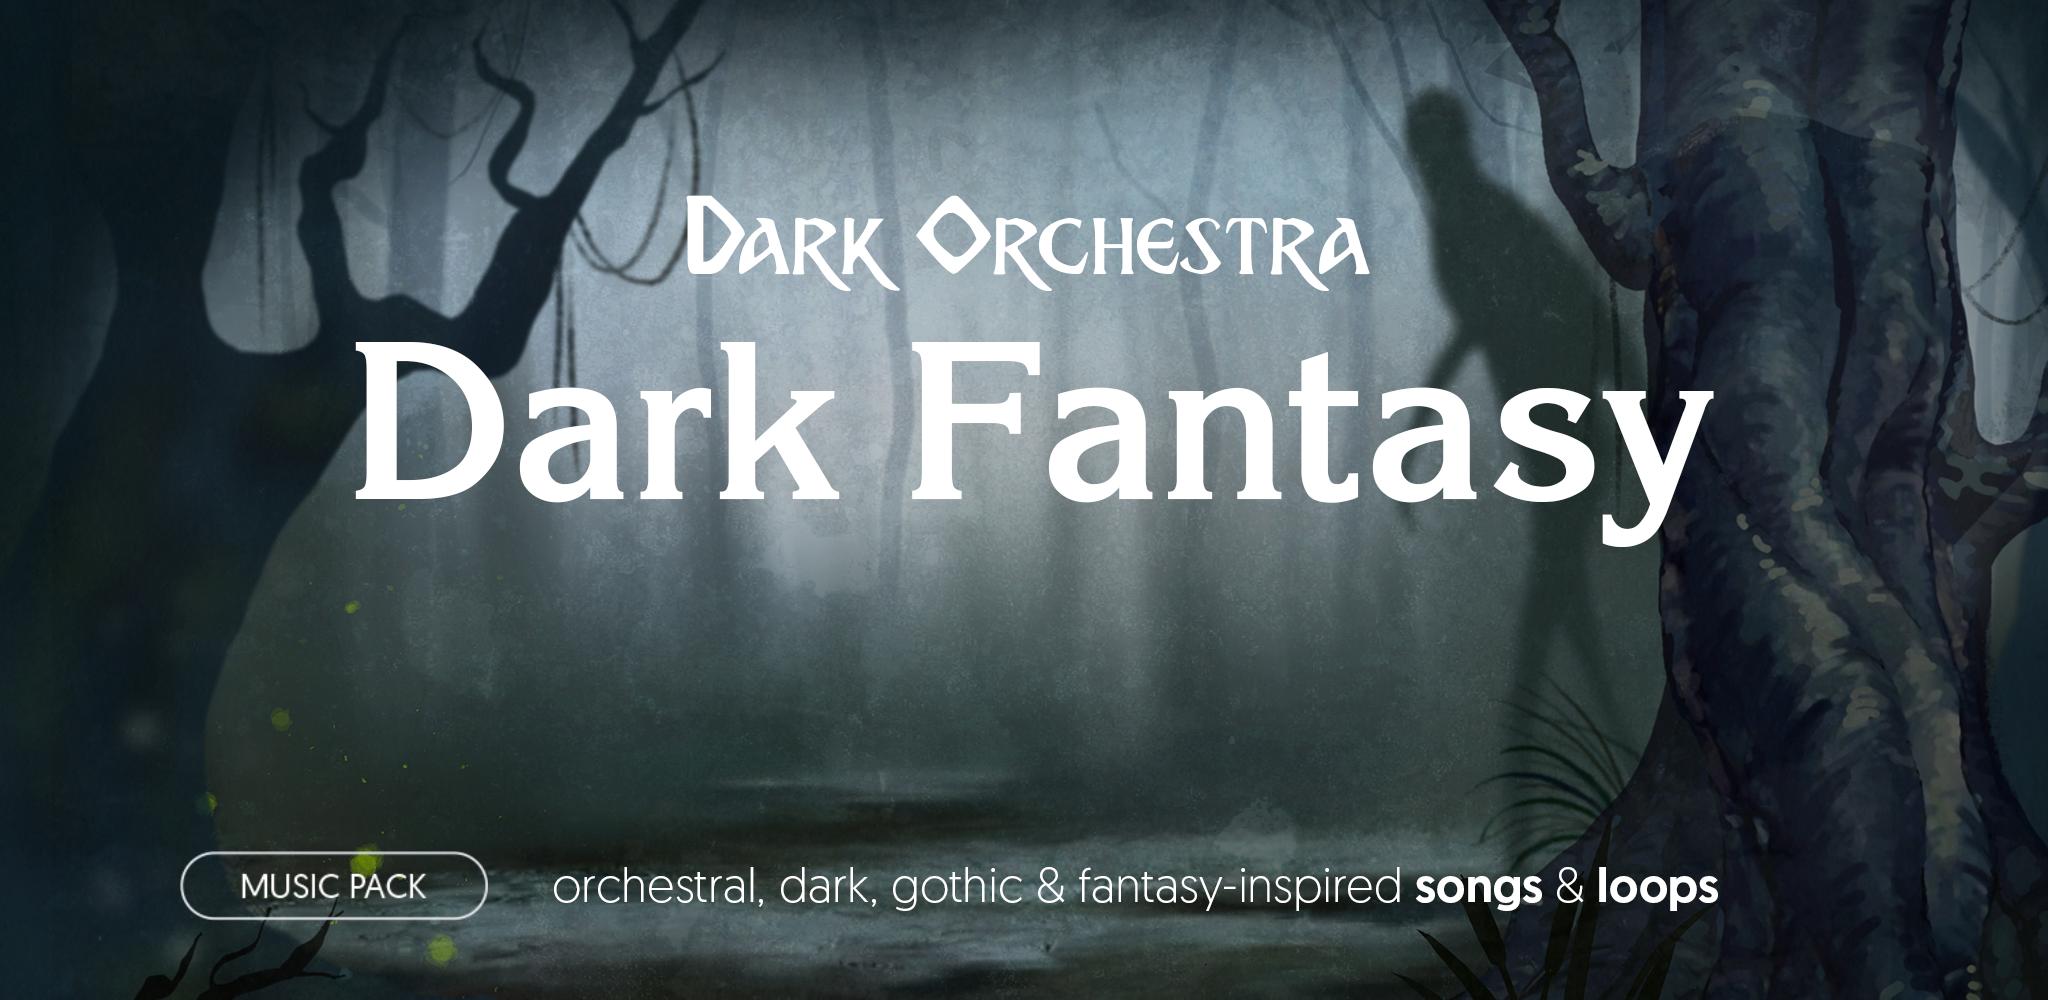 Dark Orchestra : Dark Fantasy - music pack